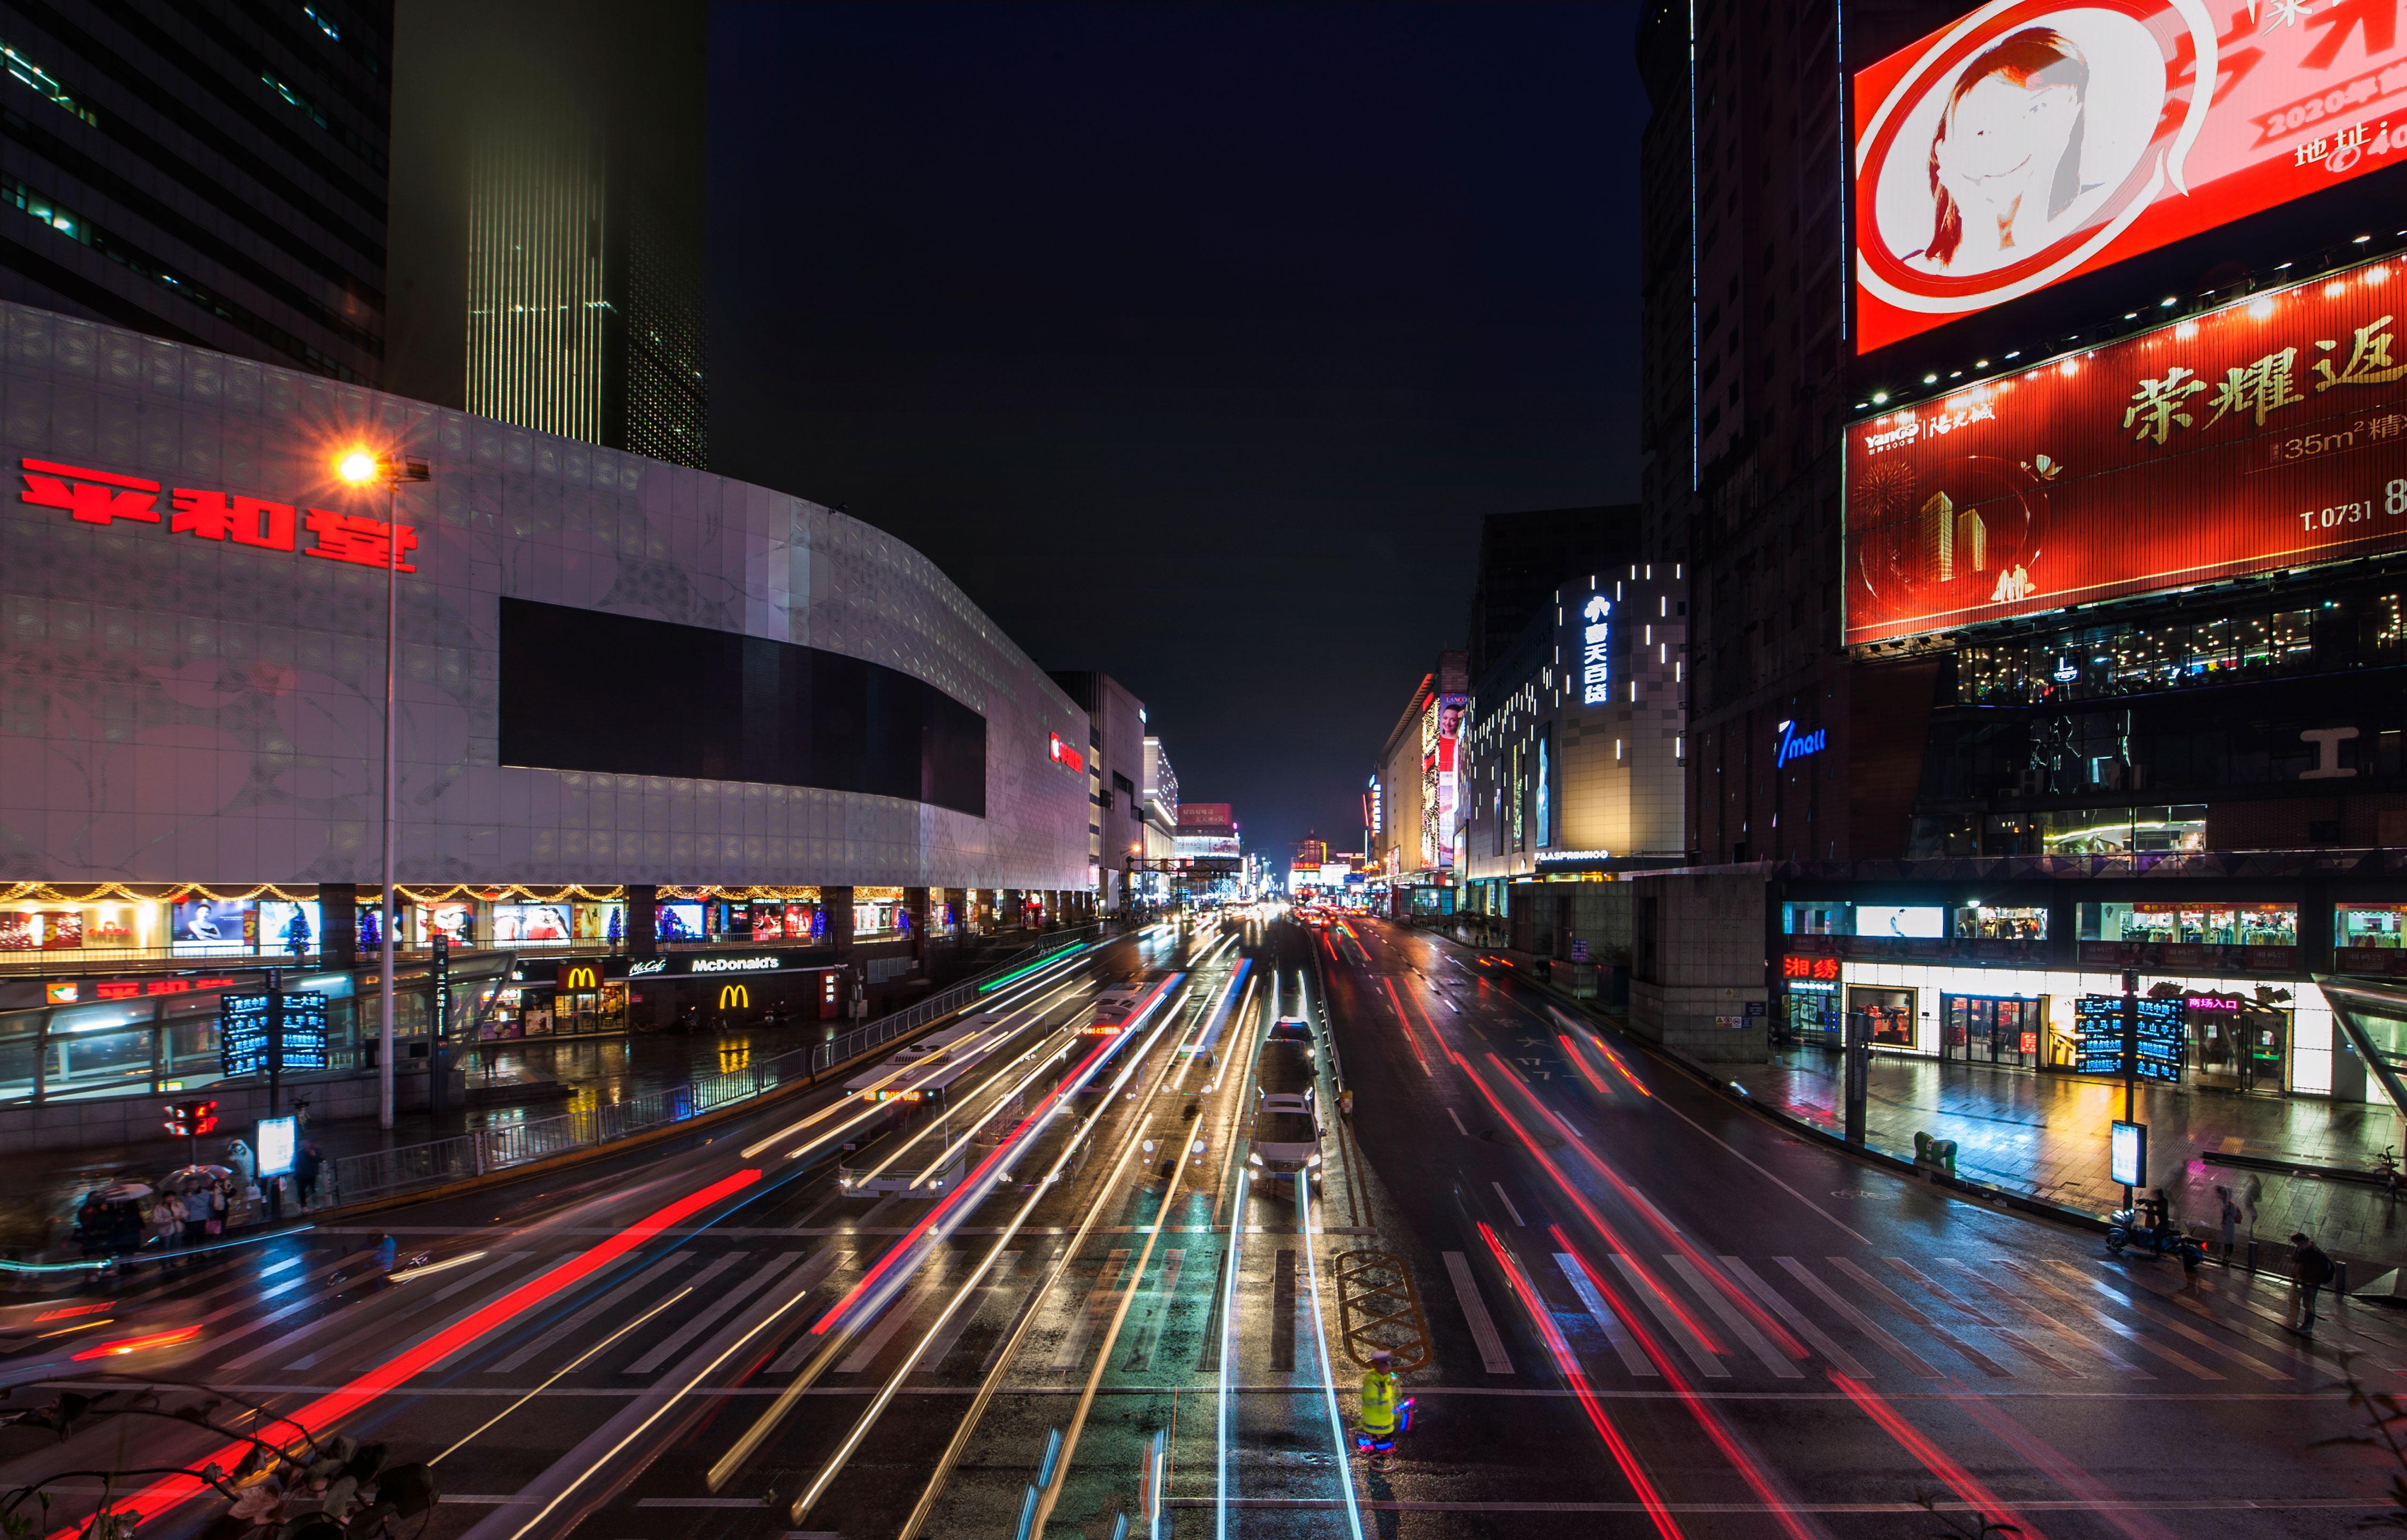 【16号作品:滚滚车流】 冷雨夜,不曾打烊的门店与滚滚车流,共同见证五一商圈的繁华与热闹。